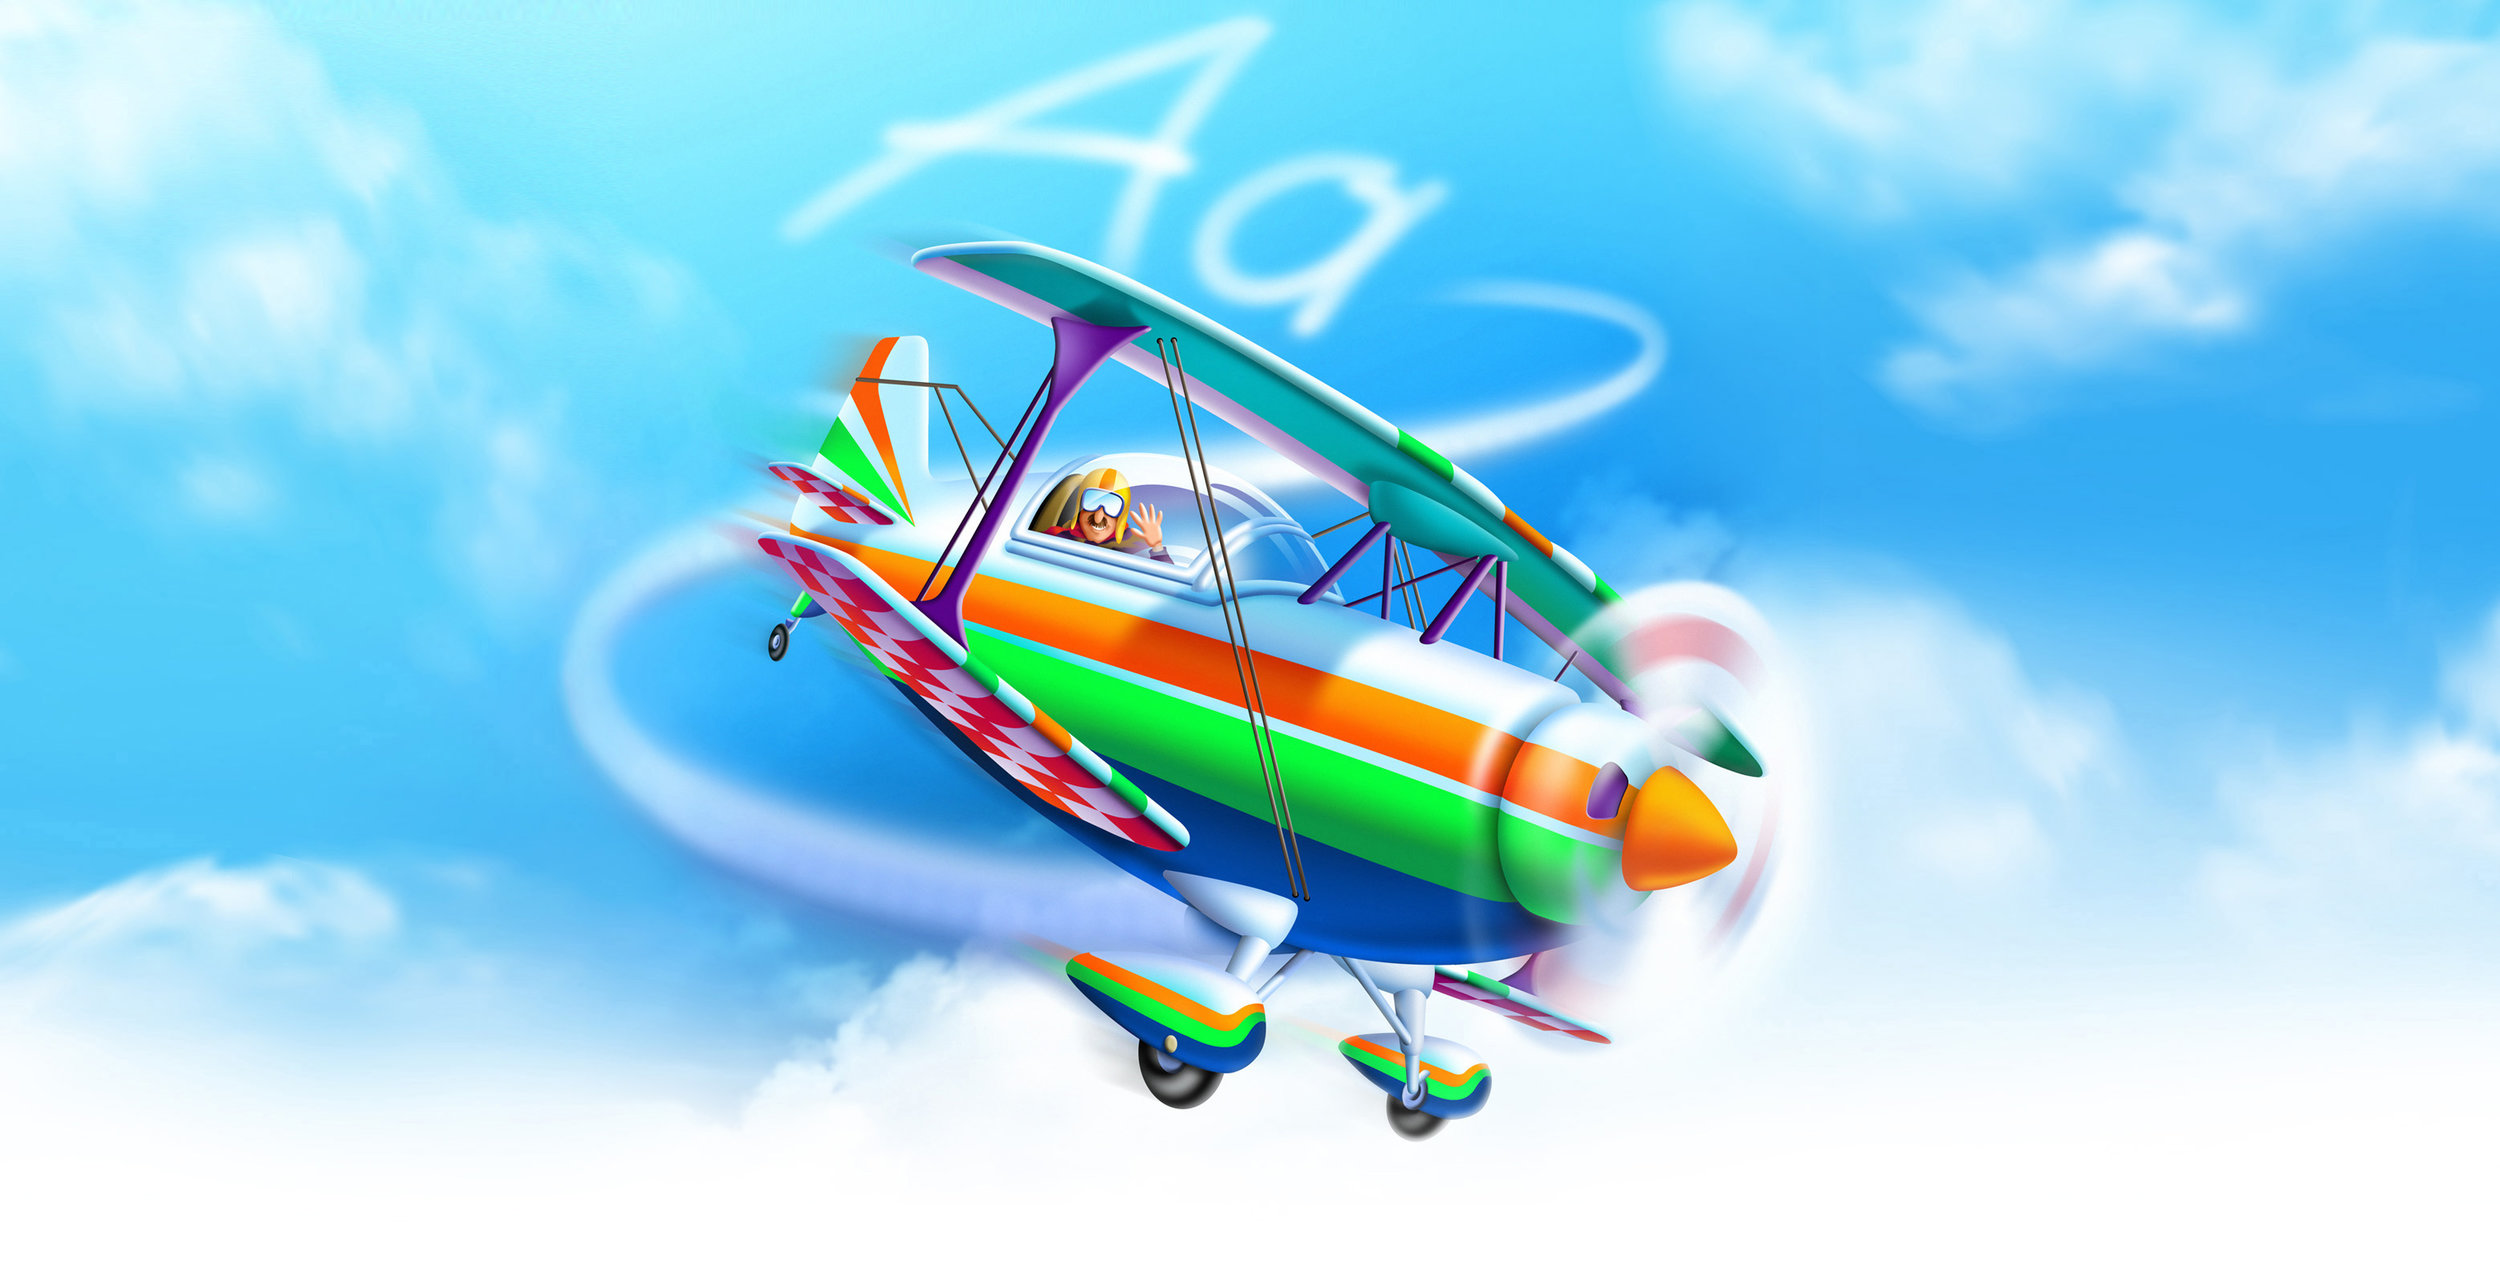 A airplane.jpg